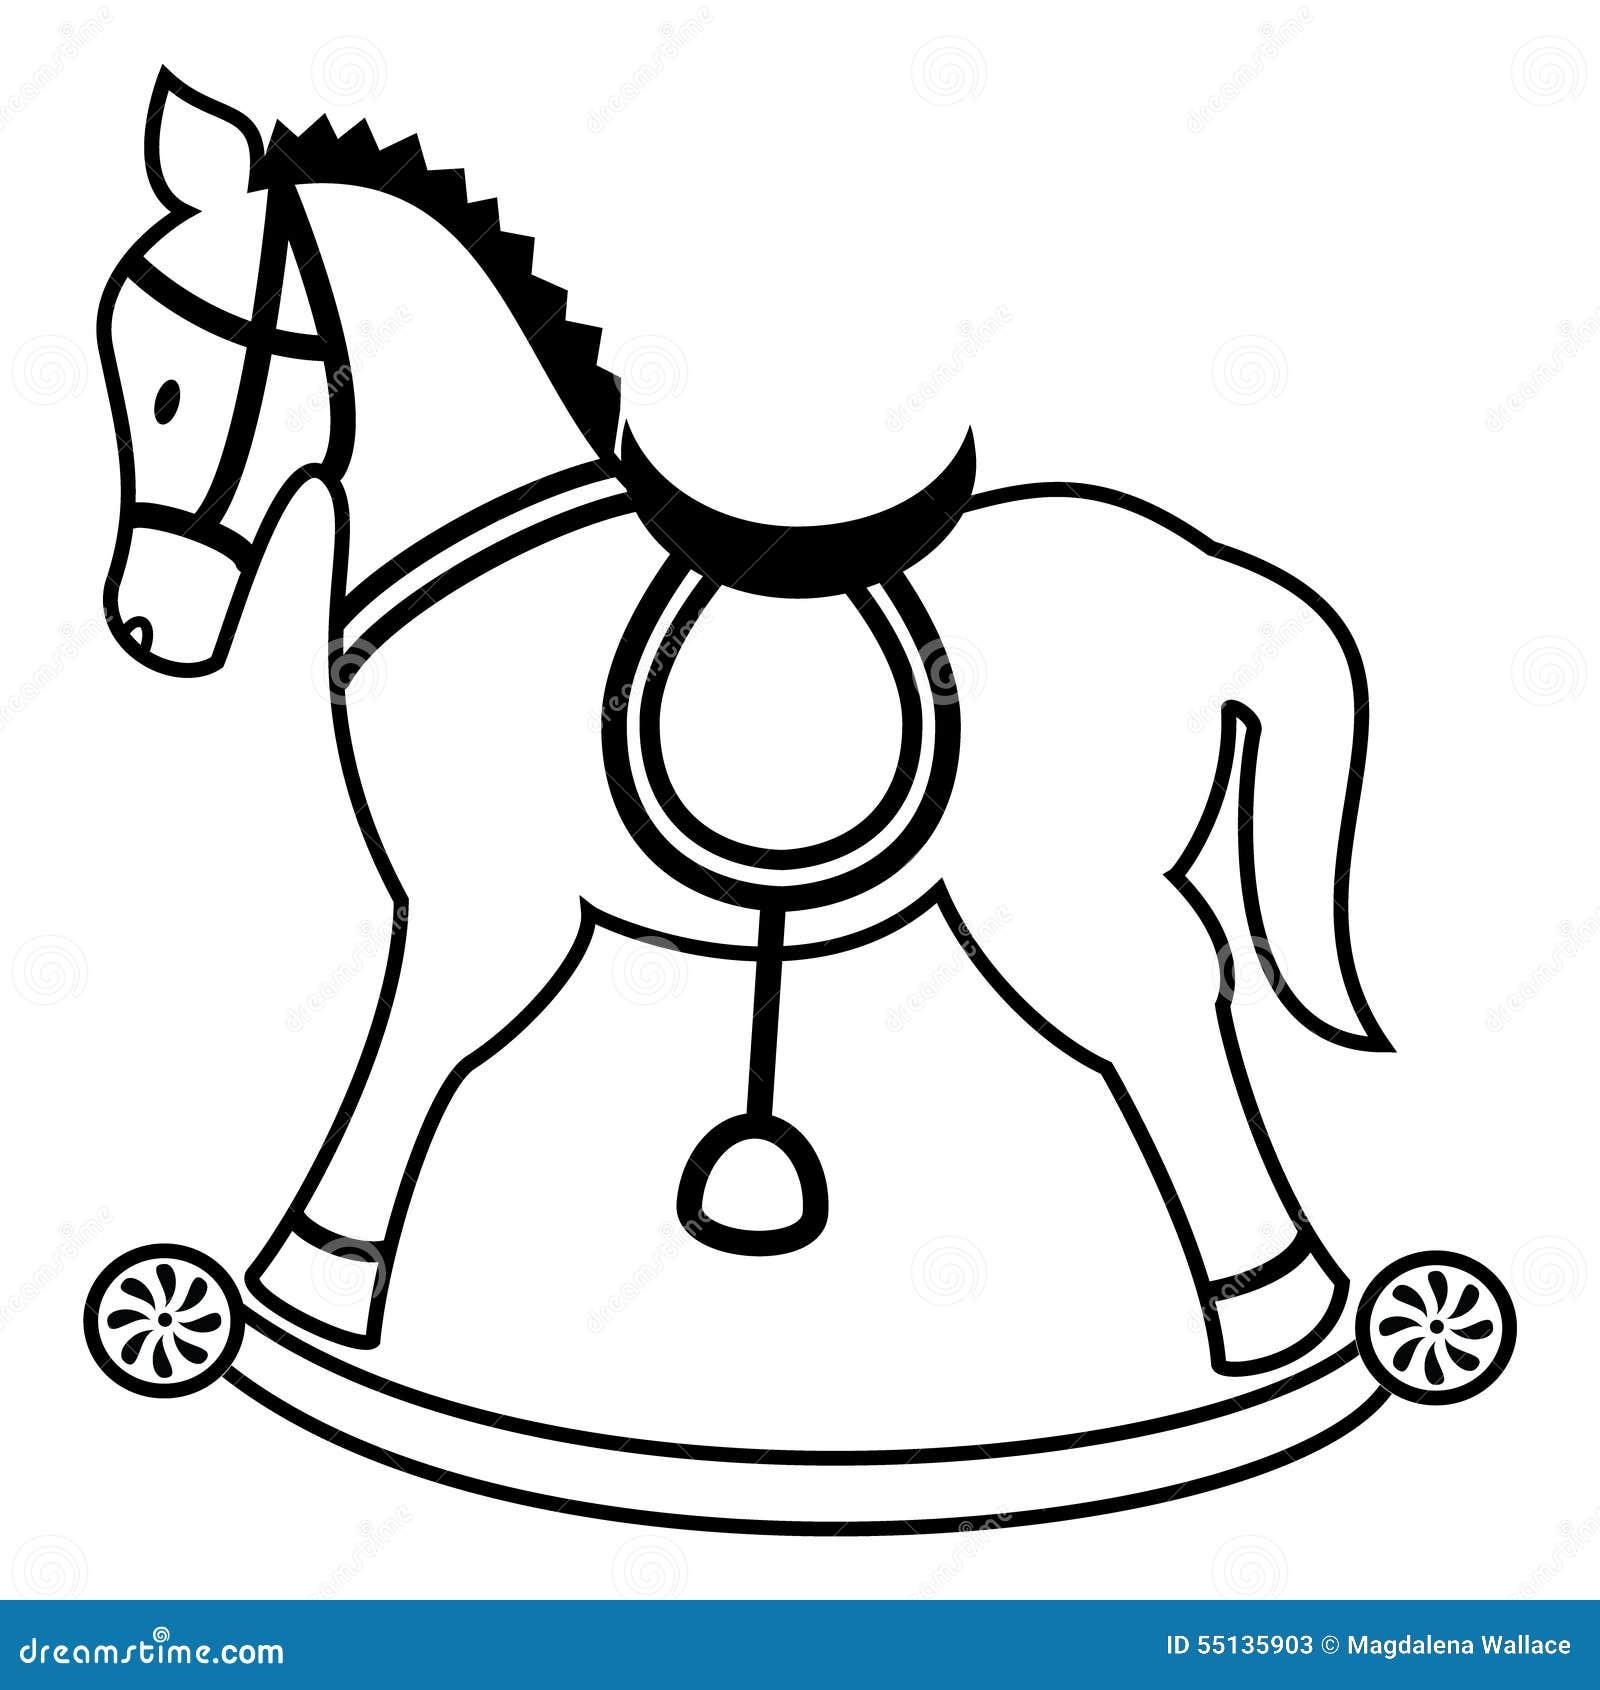 Cavallino A Dondolo Disegno.Rocking Horse Plain In Black And White Stock Vector Illustration